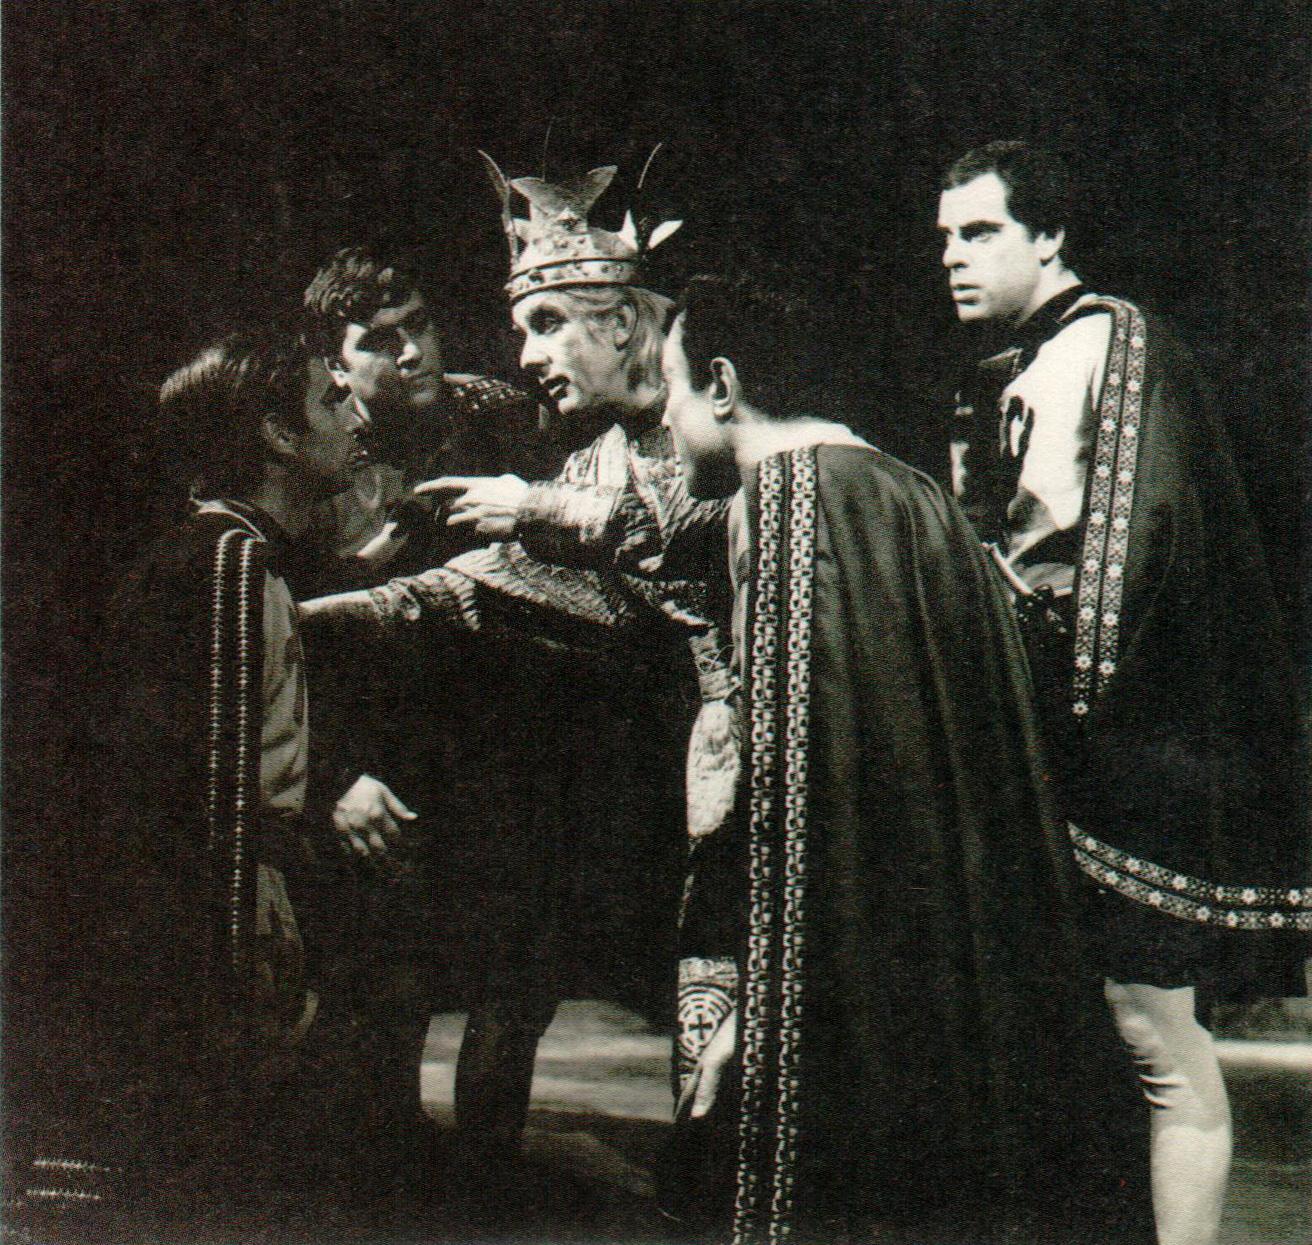 Εθνικό Θέατρο, Λουίτζι Πιραντέλο, Ερρίκος Δ', 1967-68